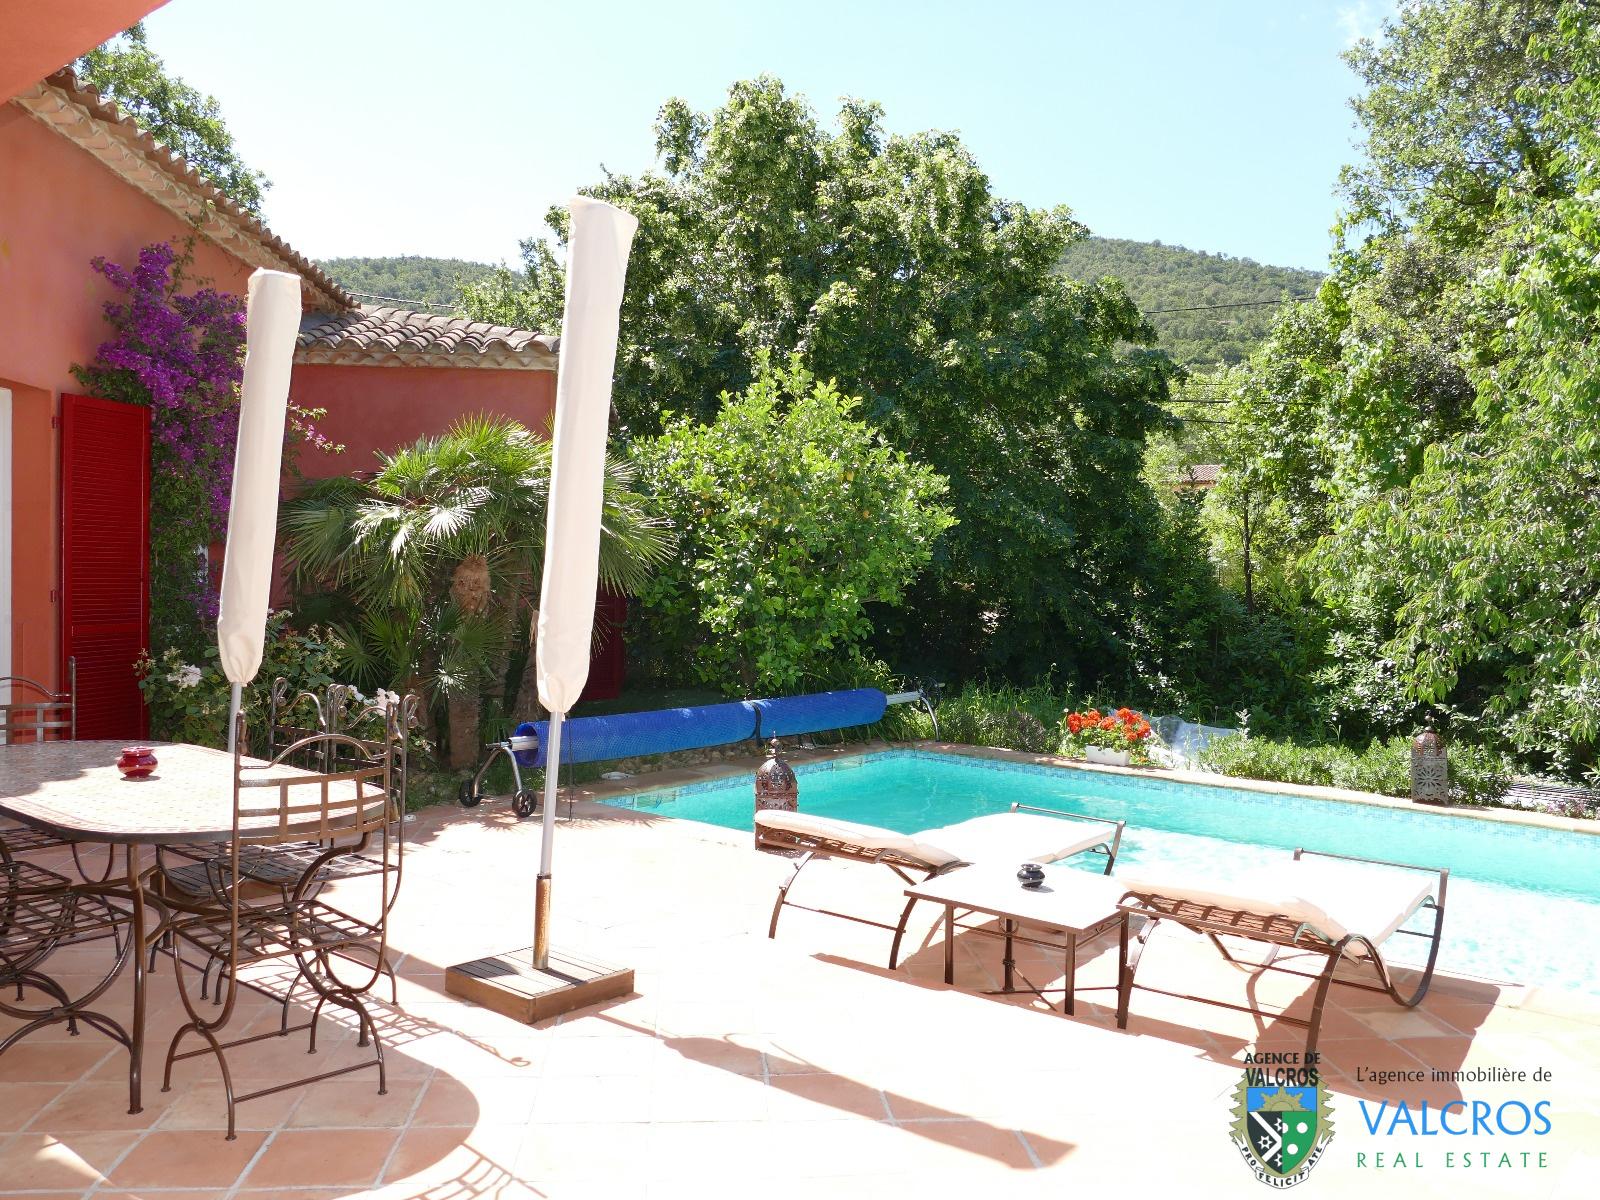 Vente a vendre maison t5 avec piscine hy res les borrels for Piscine hyeres